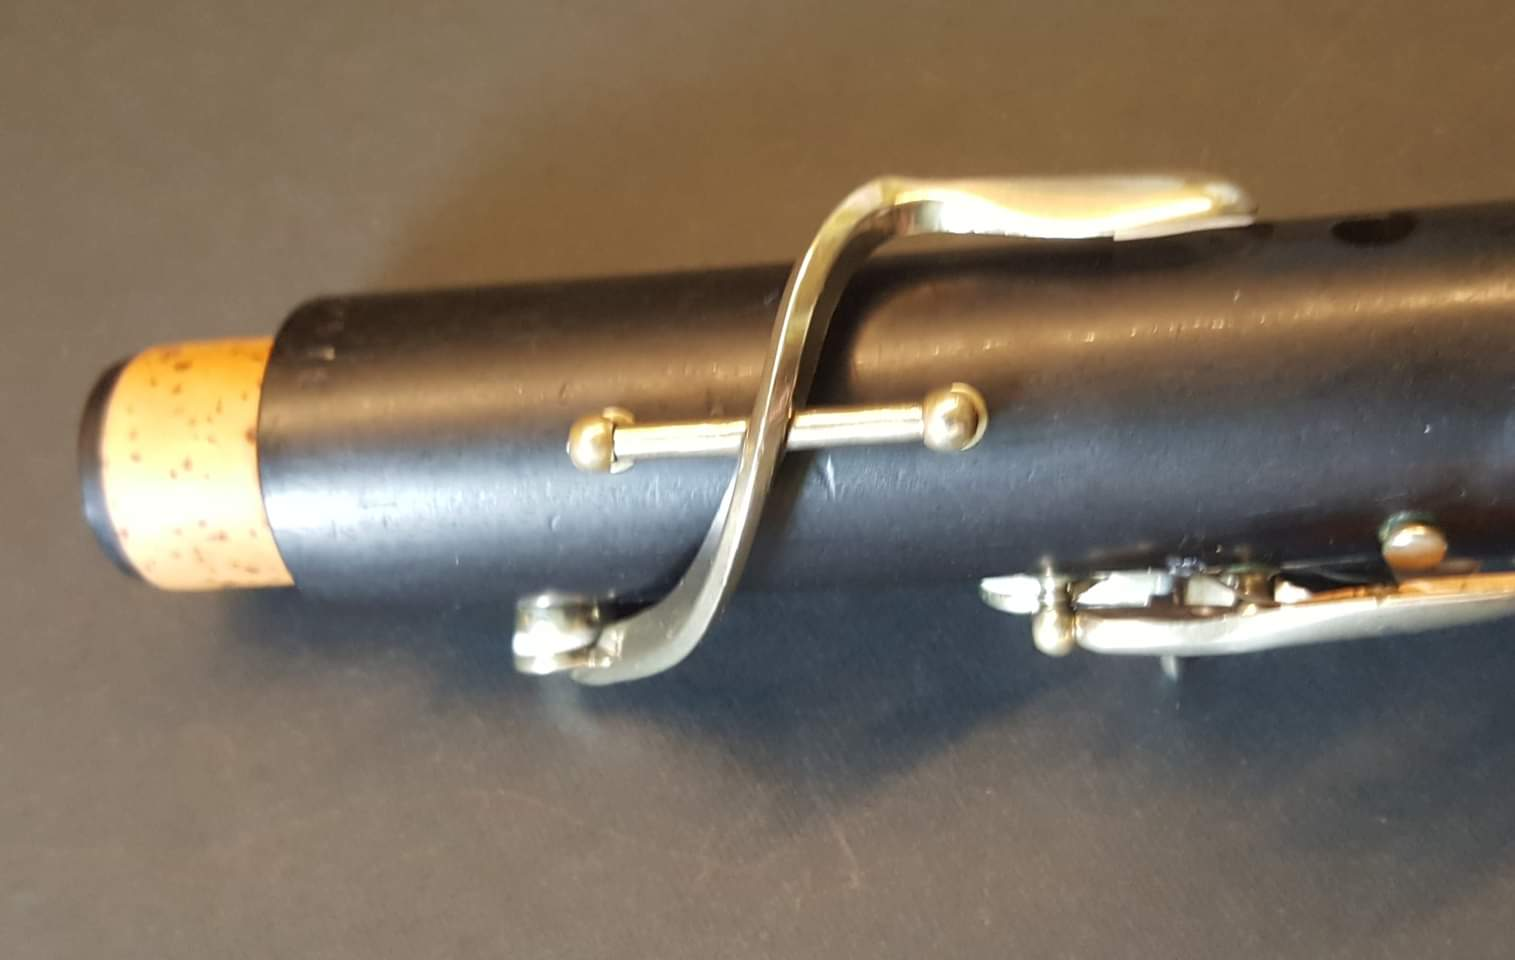 Wrap-around register key